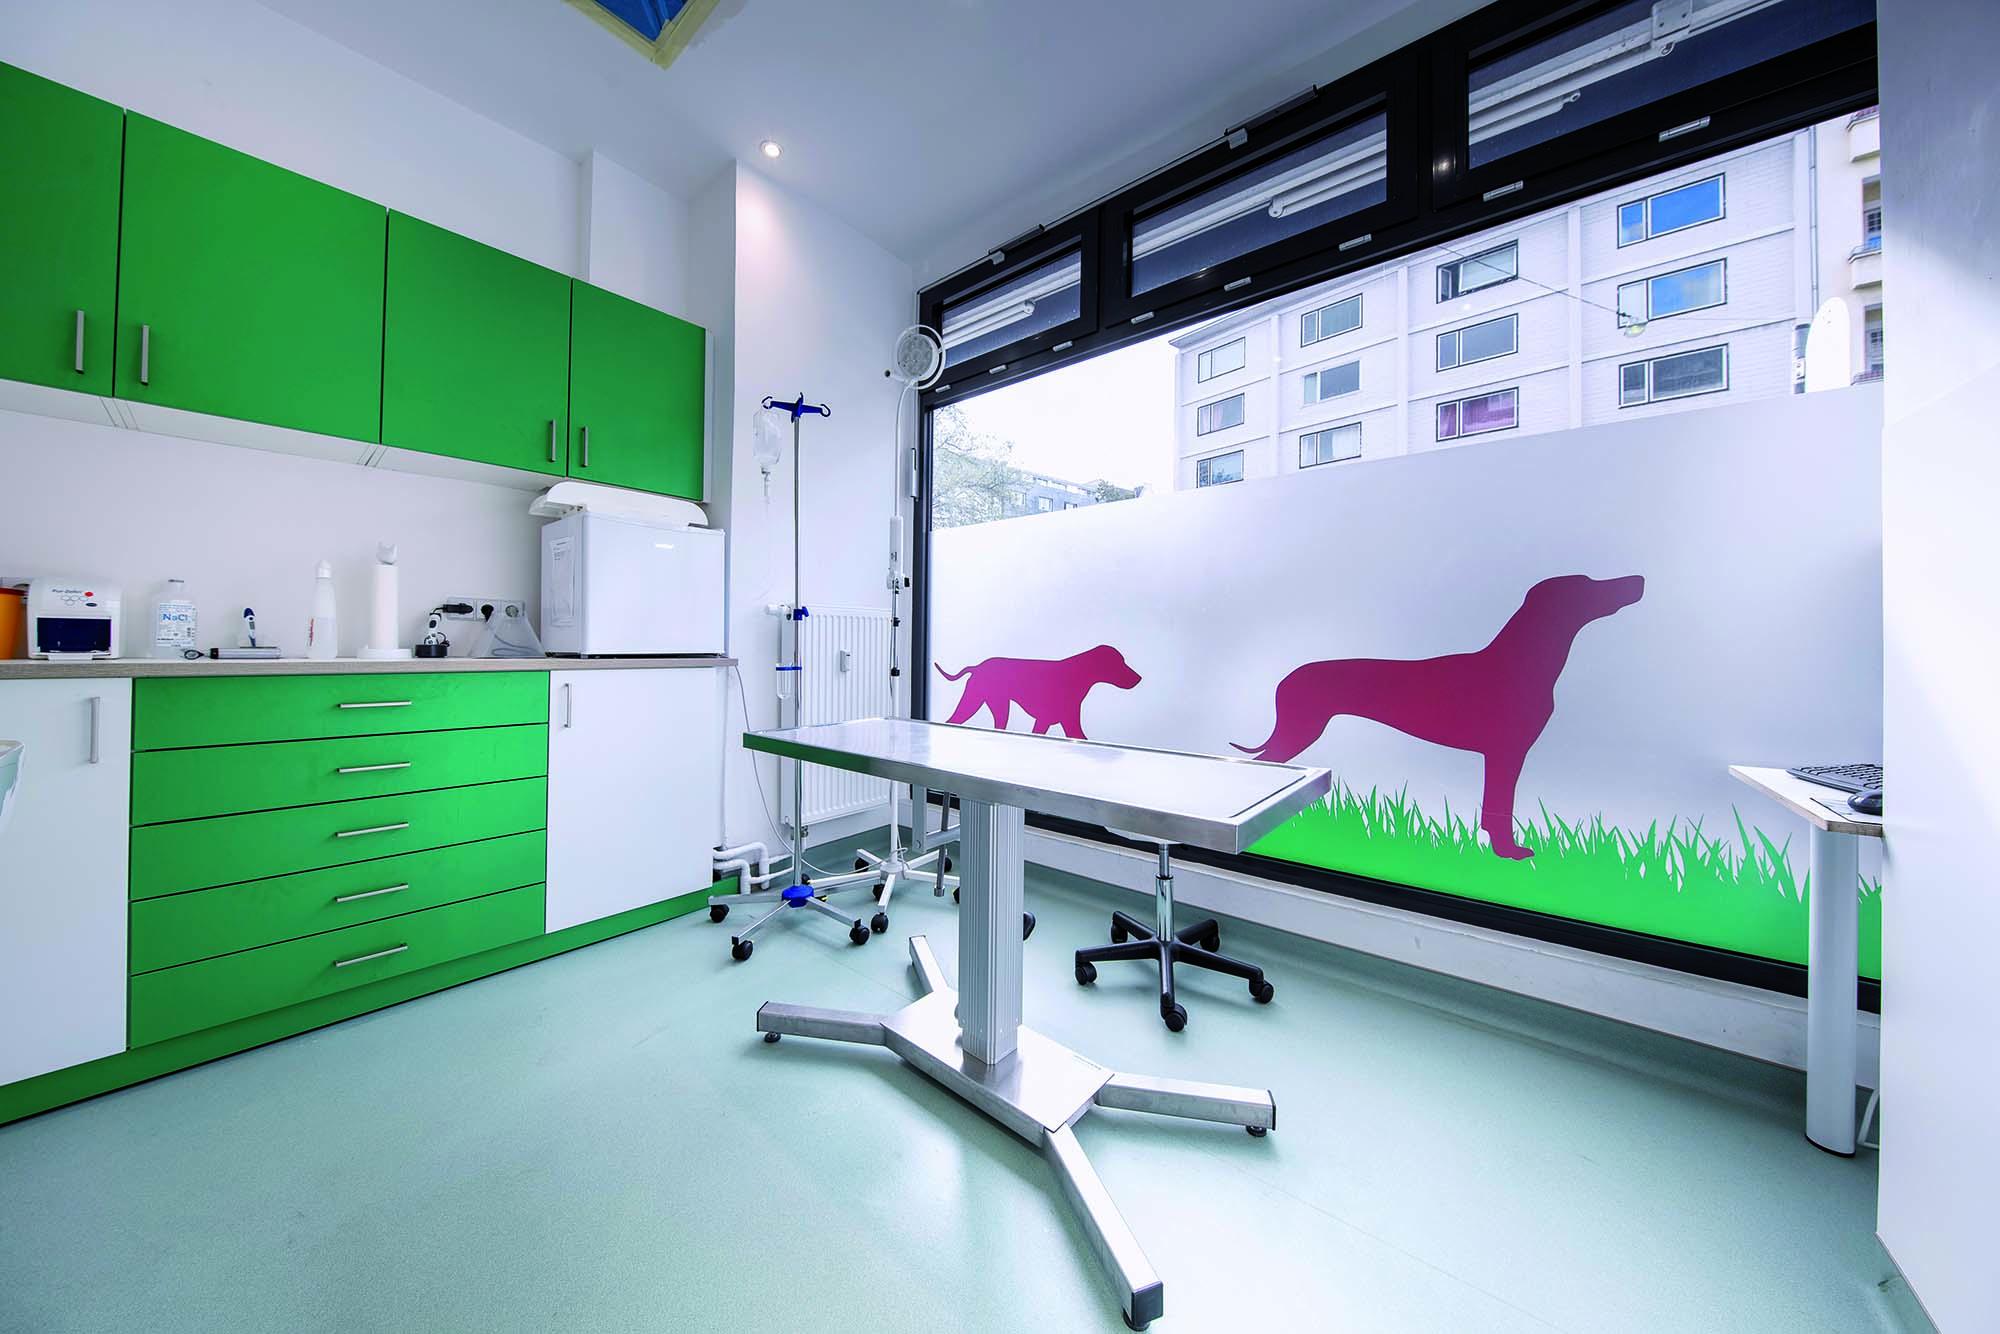 Uno degli ambienti della Clinica Veterinaria Bärenwiese - Berlino